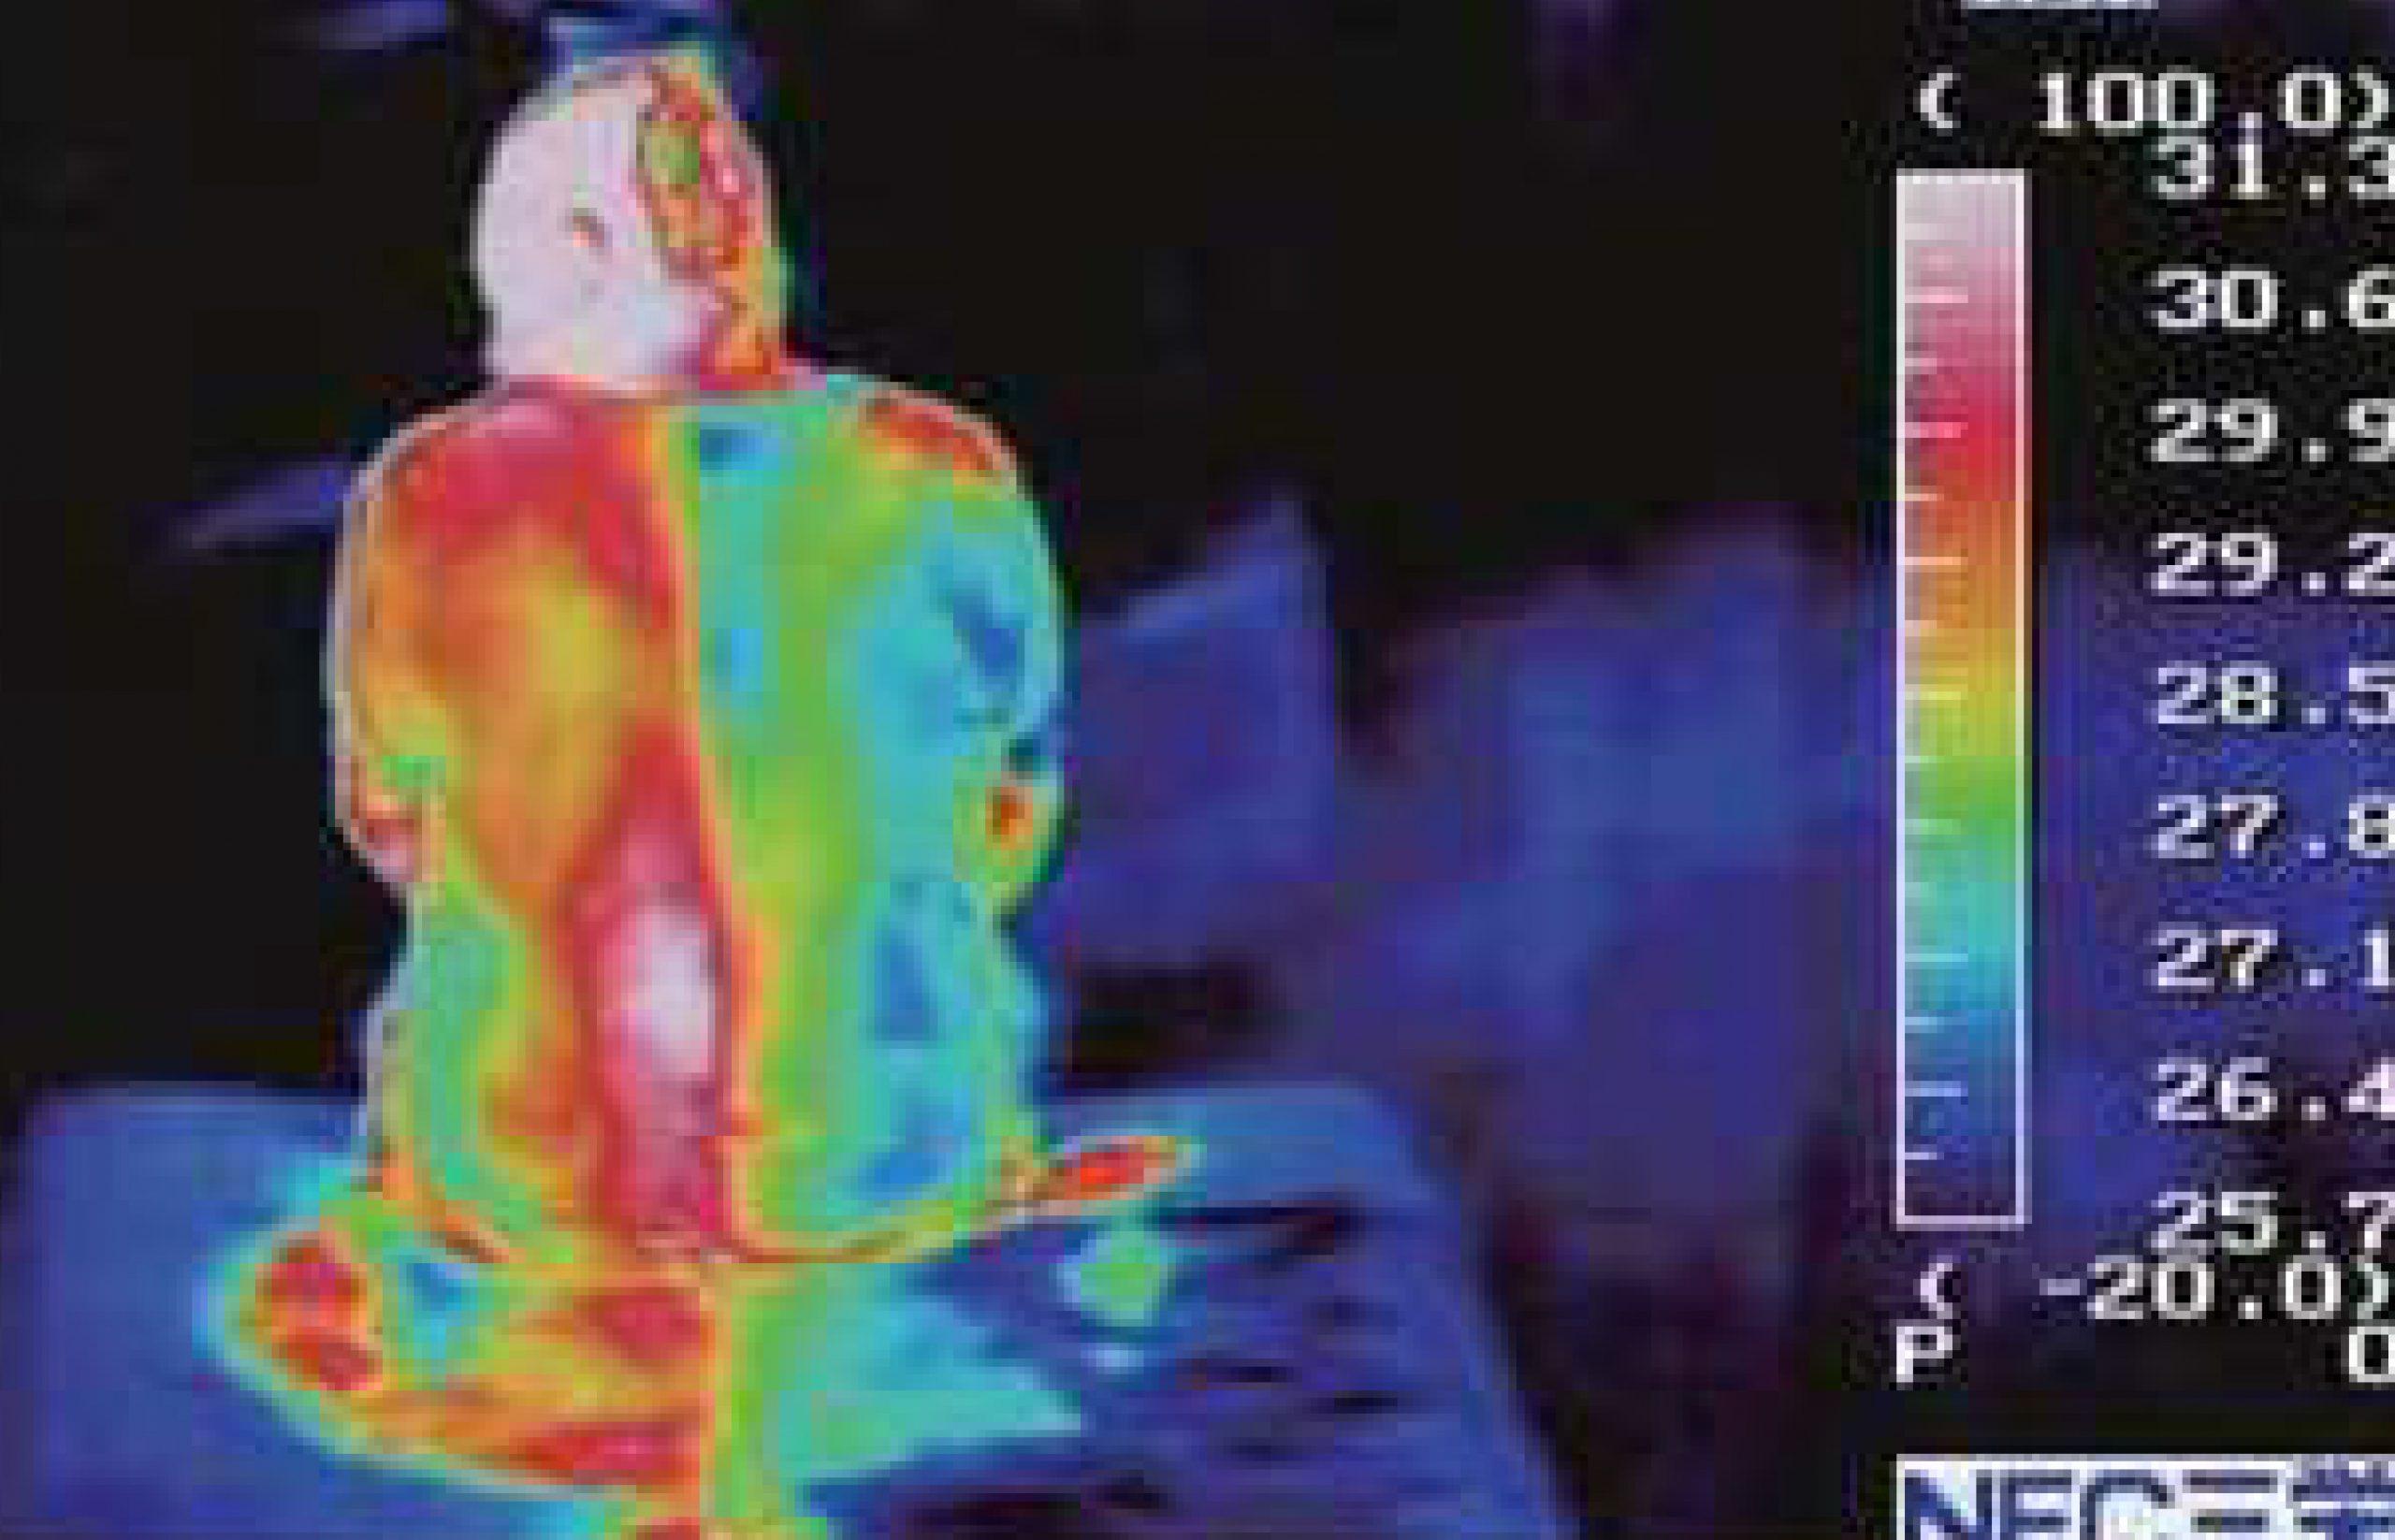 เปรียบเทียบอุณหภูมิร่างกายข้างนึงใช้ Mild Aqua gel ข้างนึงไม่ใช้